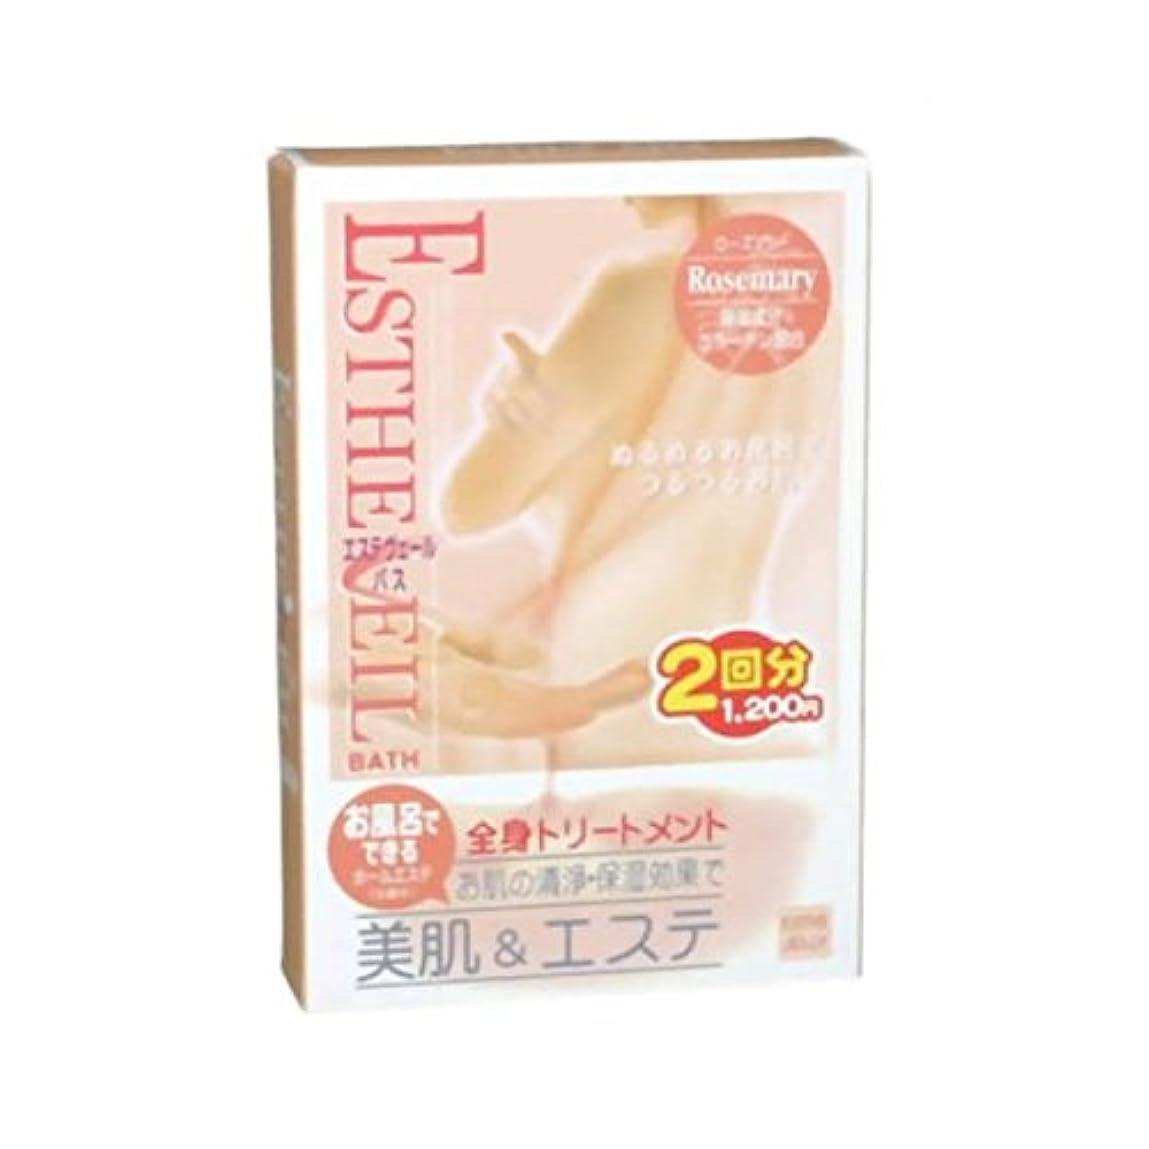 【お徳用 2 セット】 エステヴェールバス ミルキーローズマリー(入浴剤)×2セット